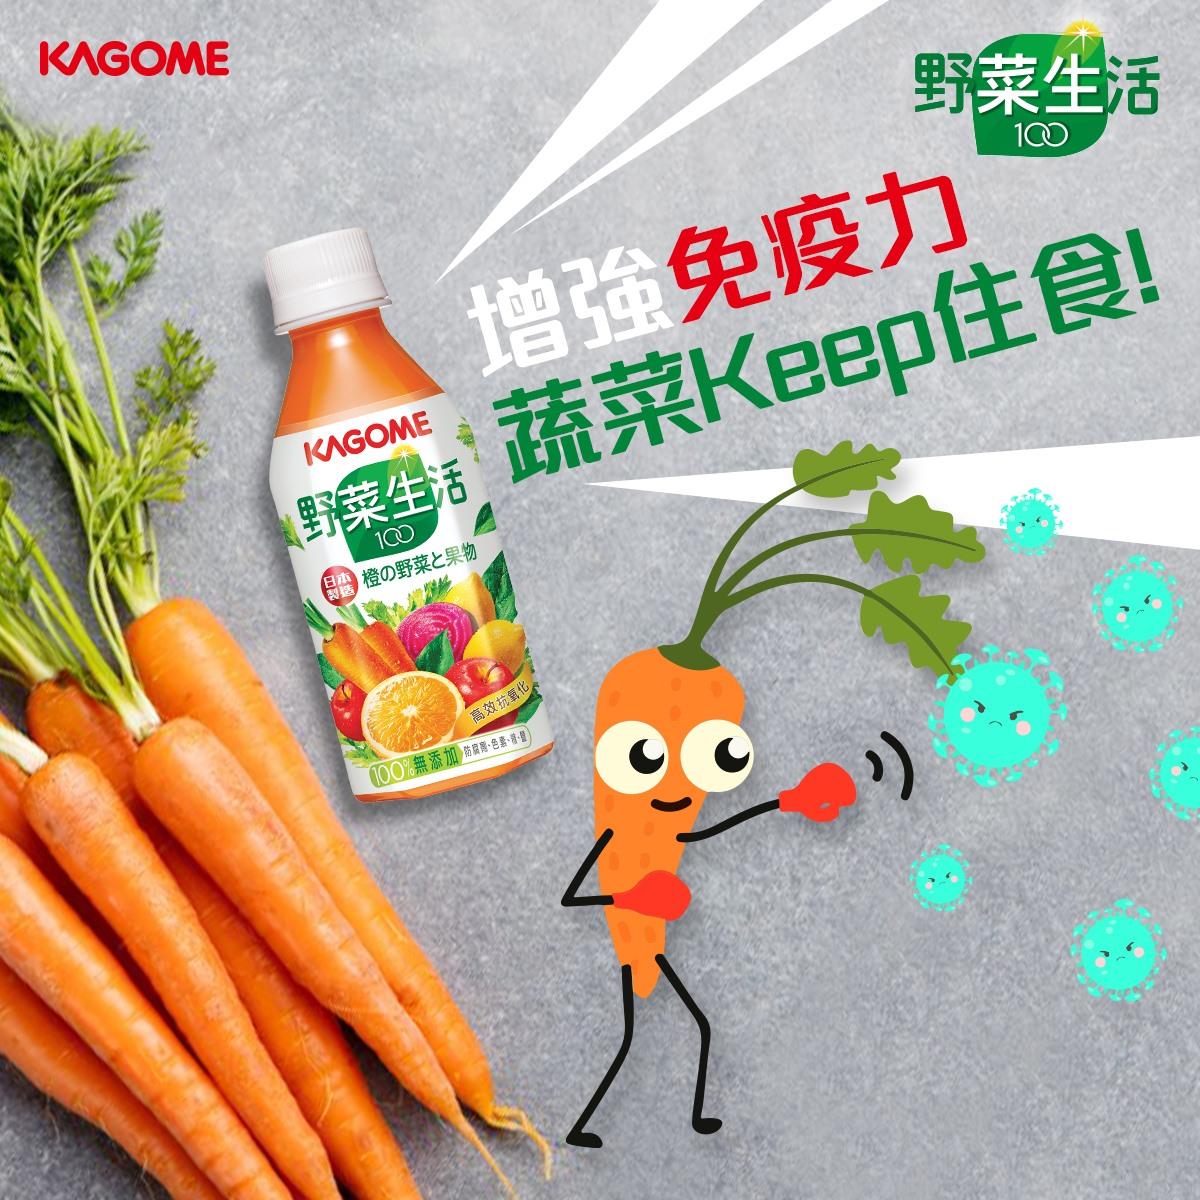 「野菜生活」KAGOME 稱考慮人權問題 停用新疆番茄